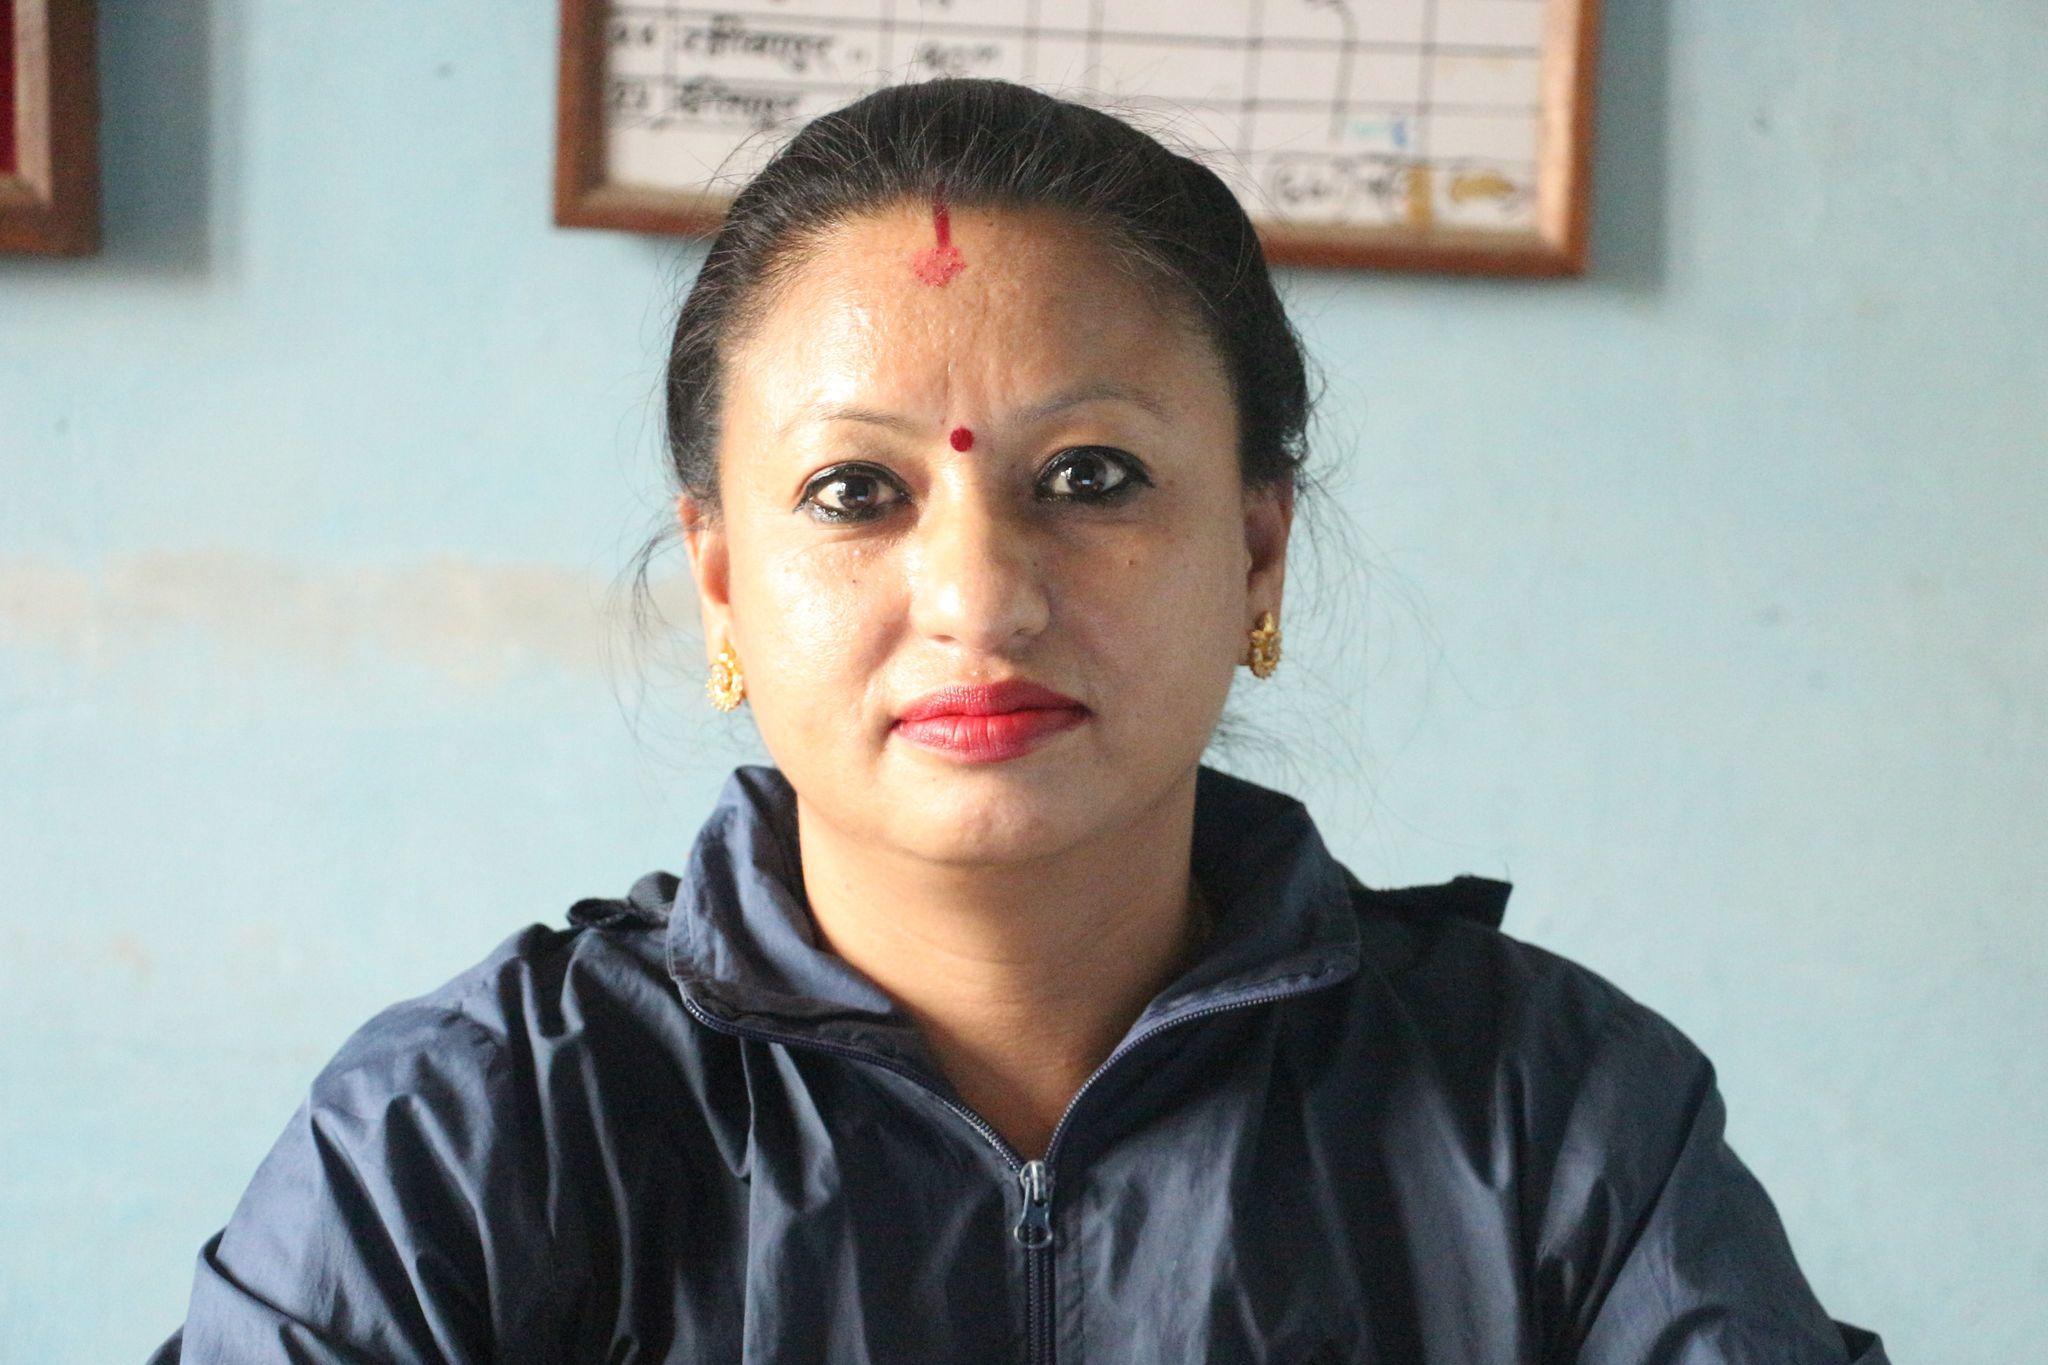 पब्लिक हेल्थ नर्स बिष्णु श्रेष्ठ, स्वास्थ्य कार्यालय बाँके । तस्विरः नेपालगन्ज ग्यालरी